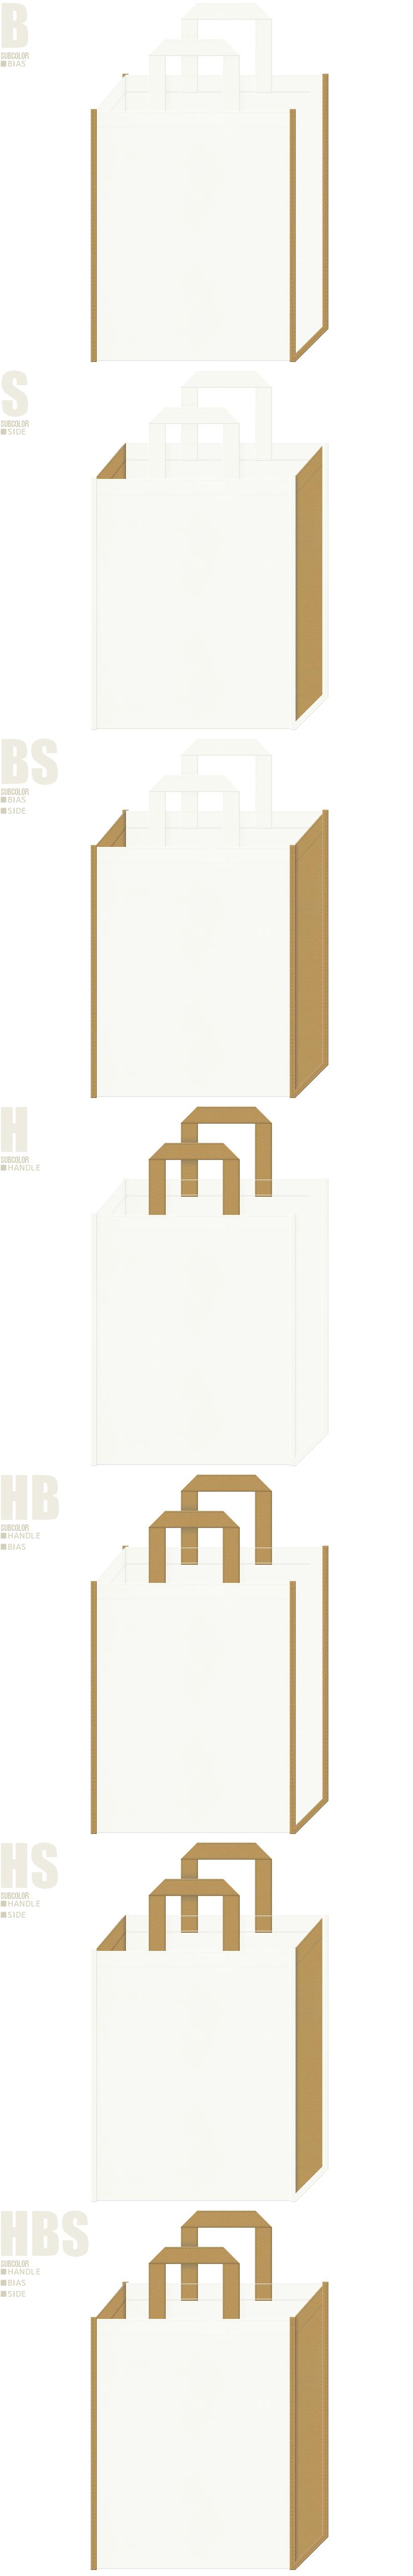 バスローブ・バスタオル・バス用品の展示会用バッグにお奨めです。オフホワイト色と金黄土色の不織布バッグ配色7パターンのデザイン。